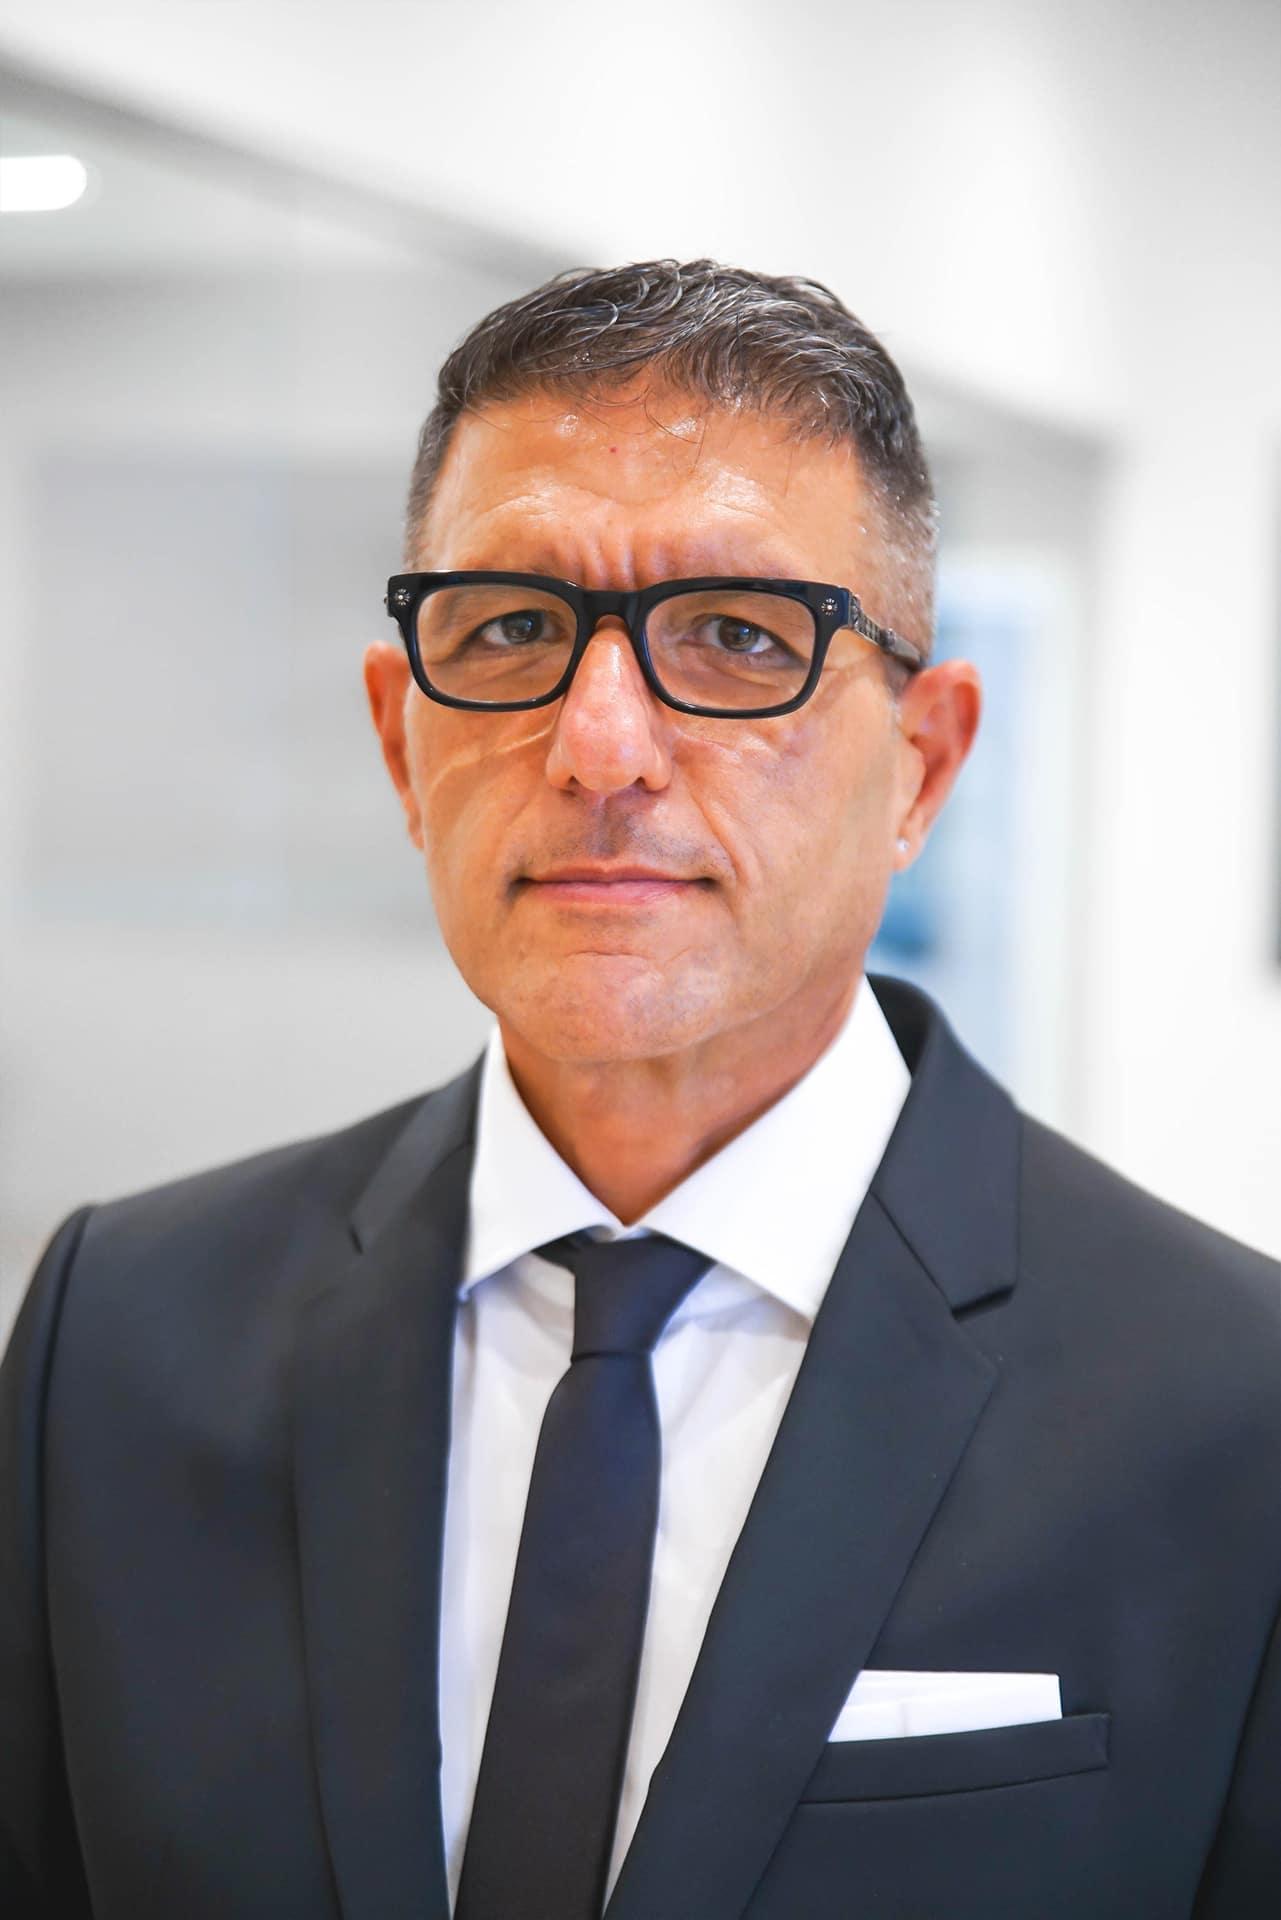 Shahin Zanoozi